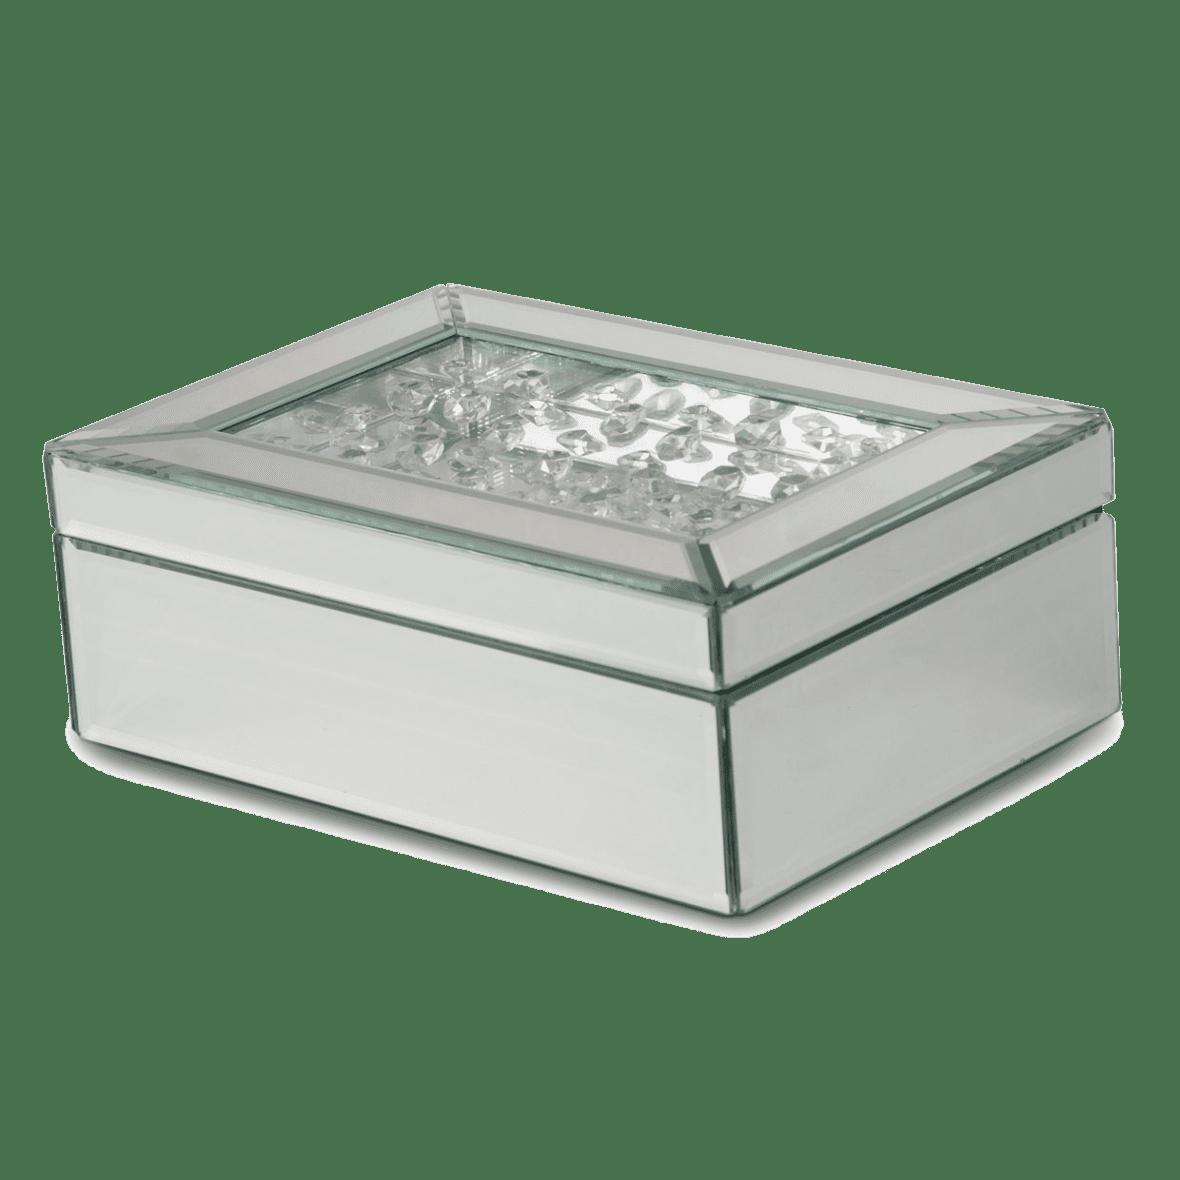 Боробка для украшений: зеркальный корпус, хрустальная крышка